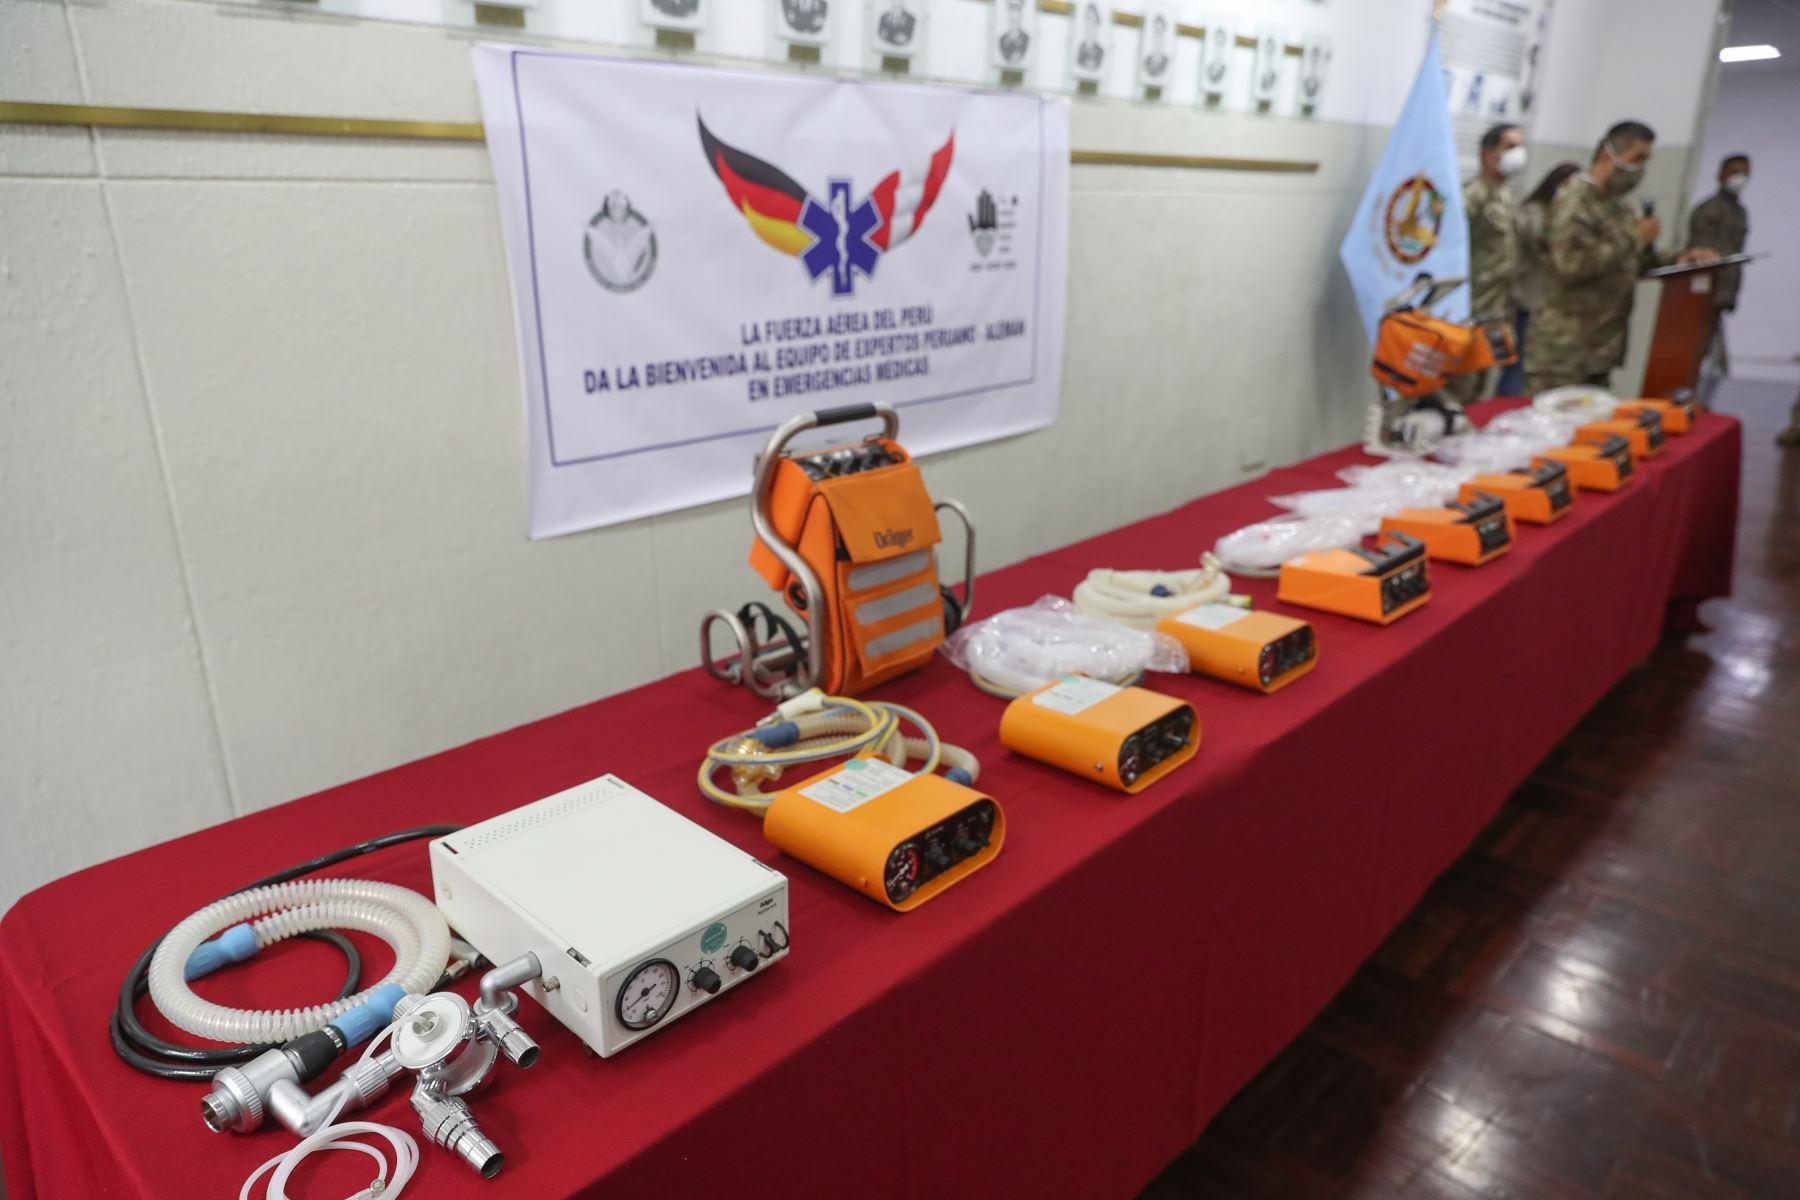 Ministro  de Defensa, Walter Martos recibe donación de militares de Alemania. Ventiladores se usarán para combatir el covid-19 en el hospital de la Fuerza Aérea. Foto: MINDEF